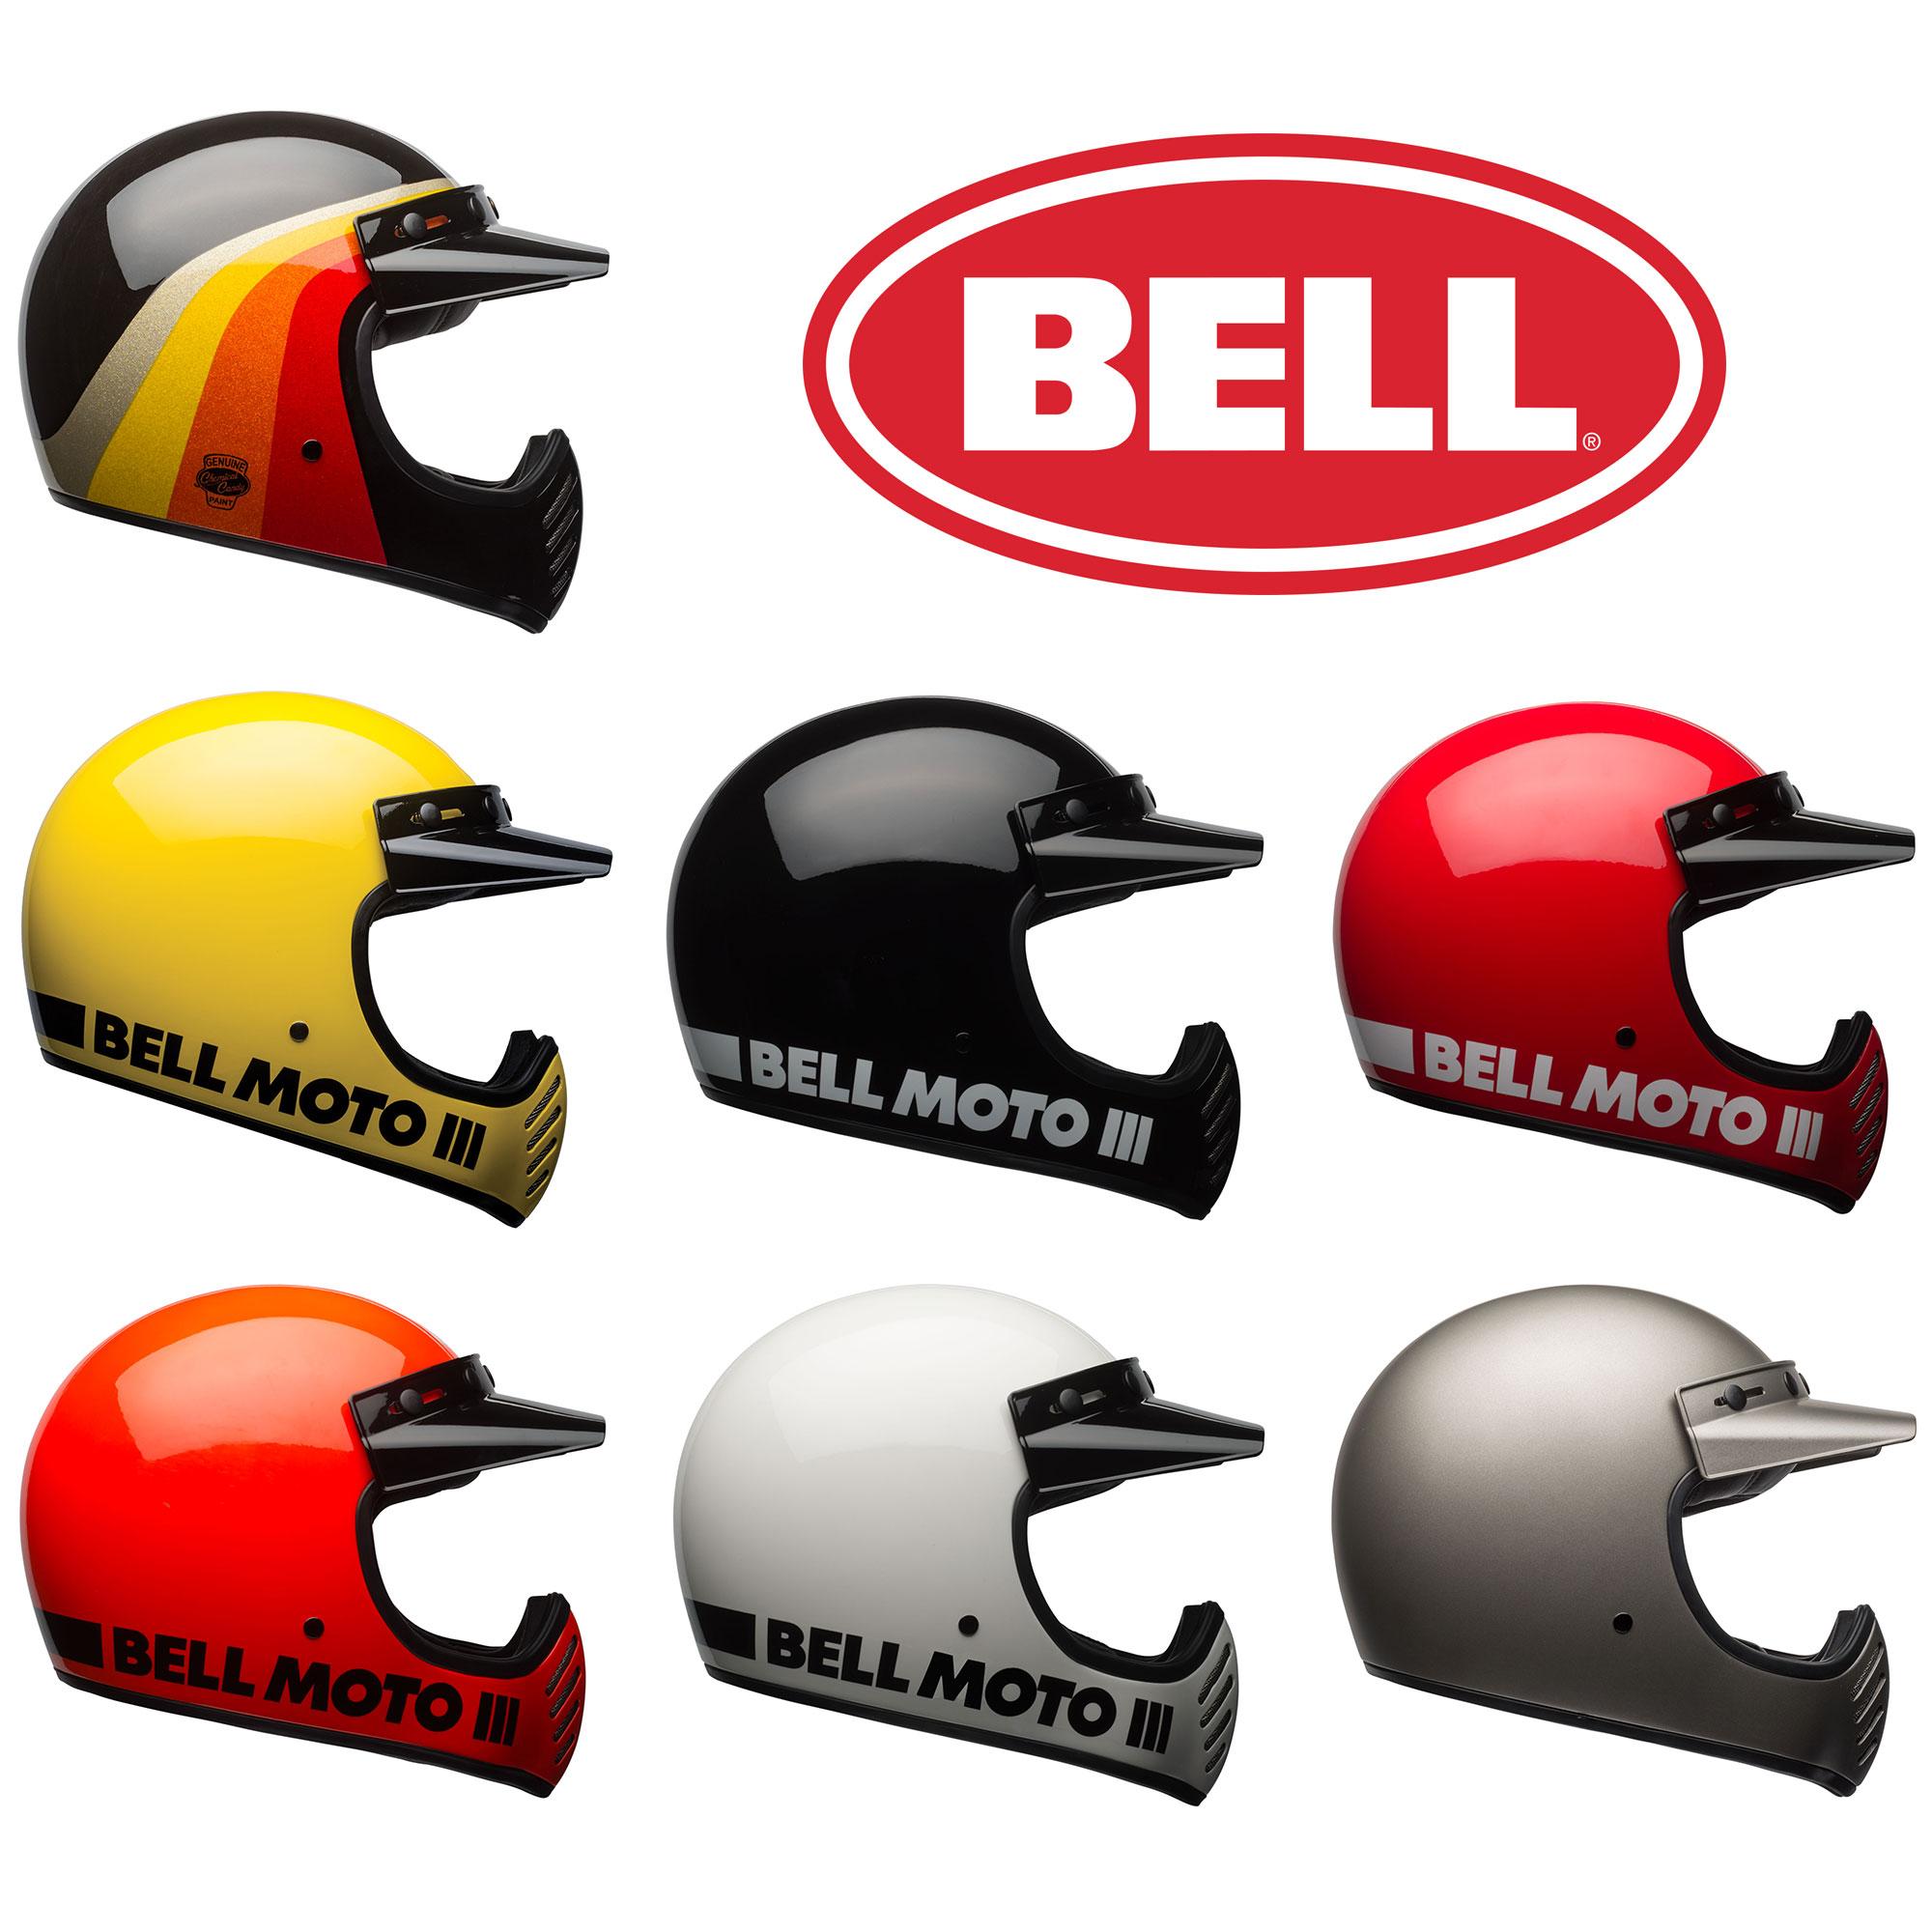 Bell Moto 3 >> Bell Moto 3 Moto 3 Motorcycle Helmet Vintage Retro Style Choose